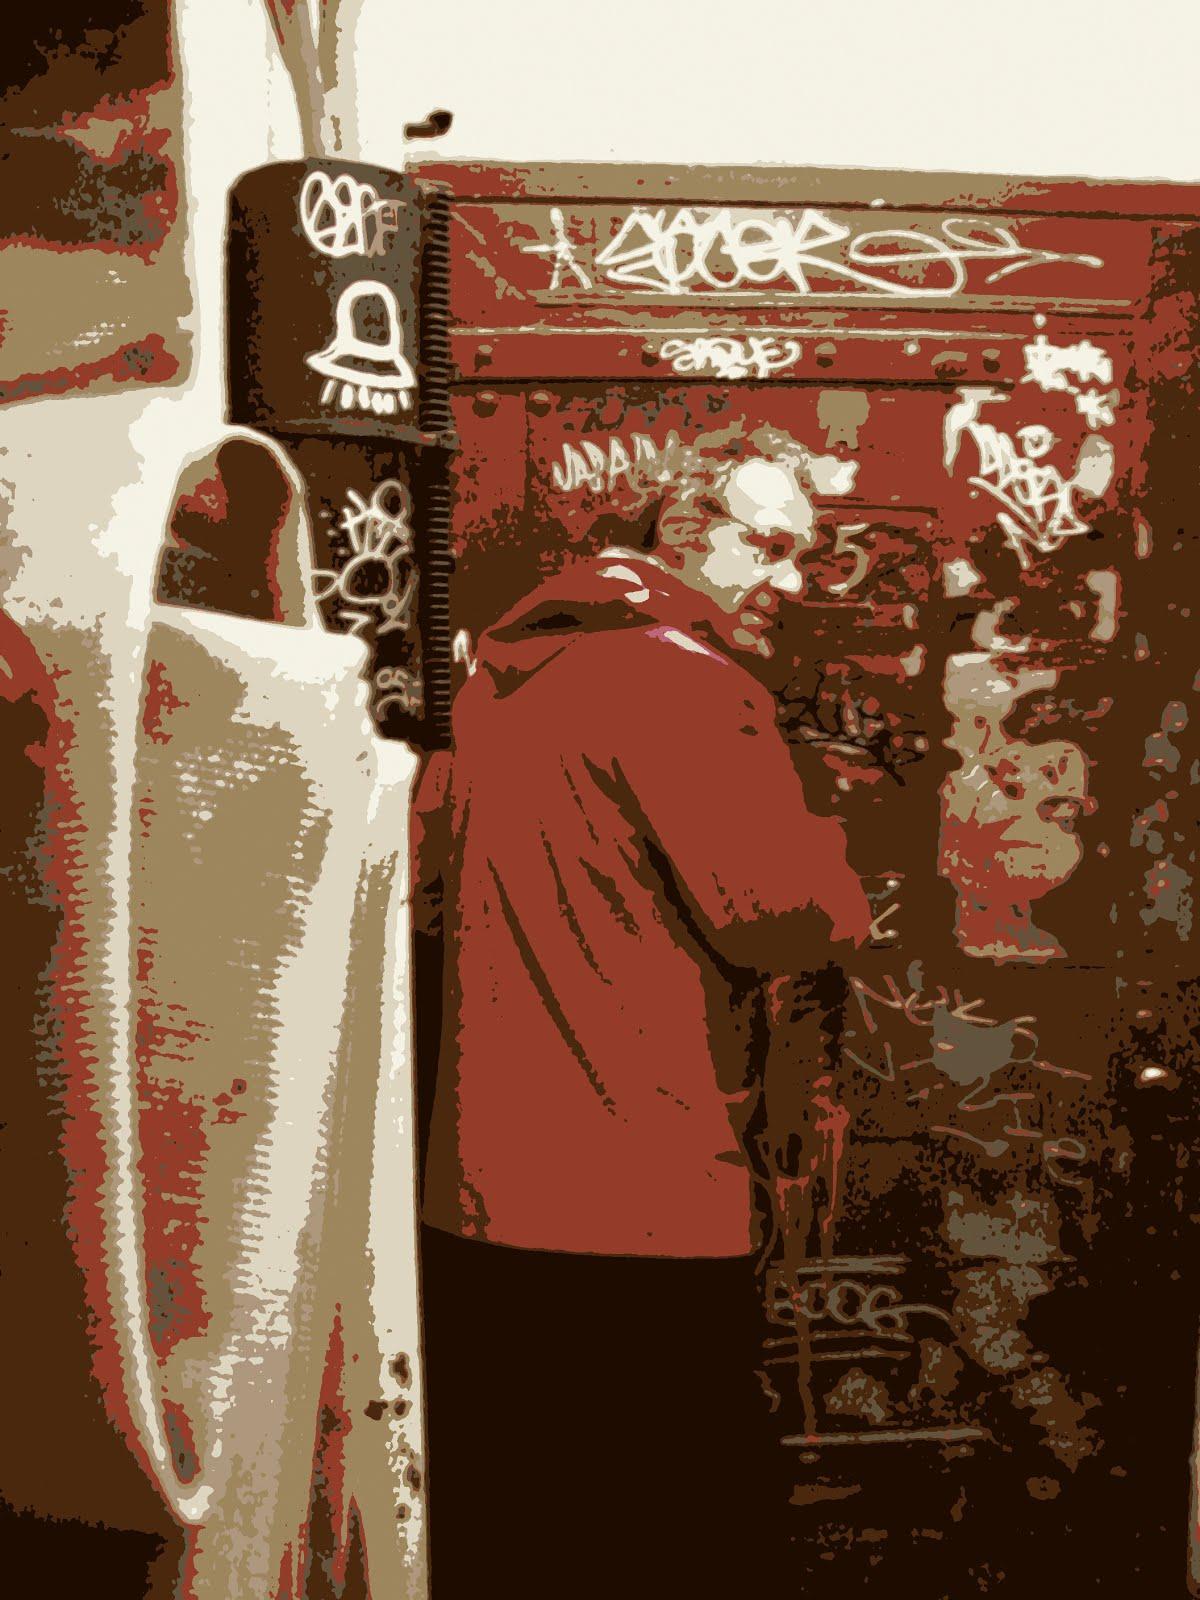 Studio in NYC; The Door!